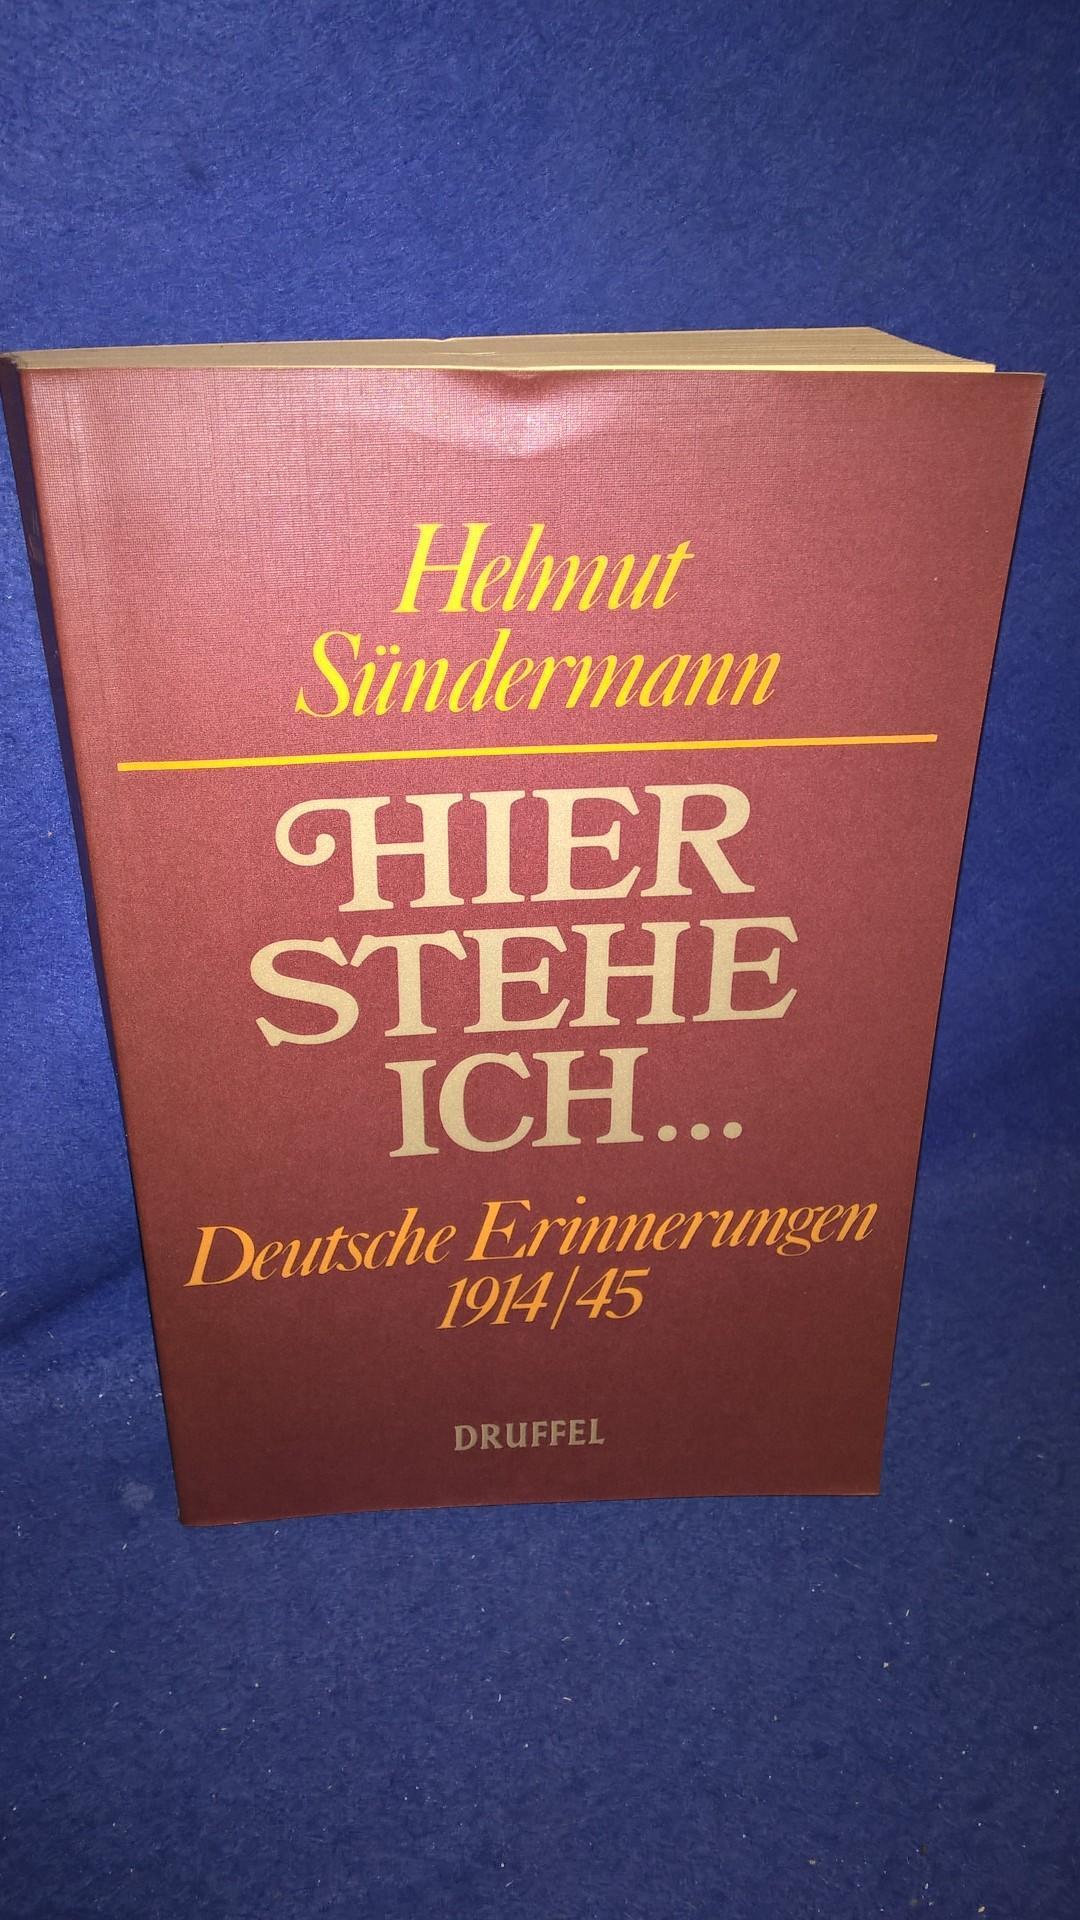 Hier stehe ich...Deutsche Erinnerungen 1914/45